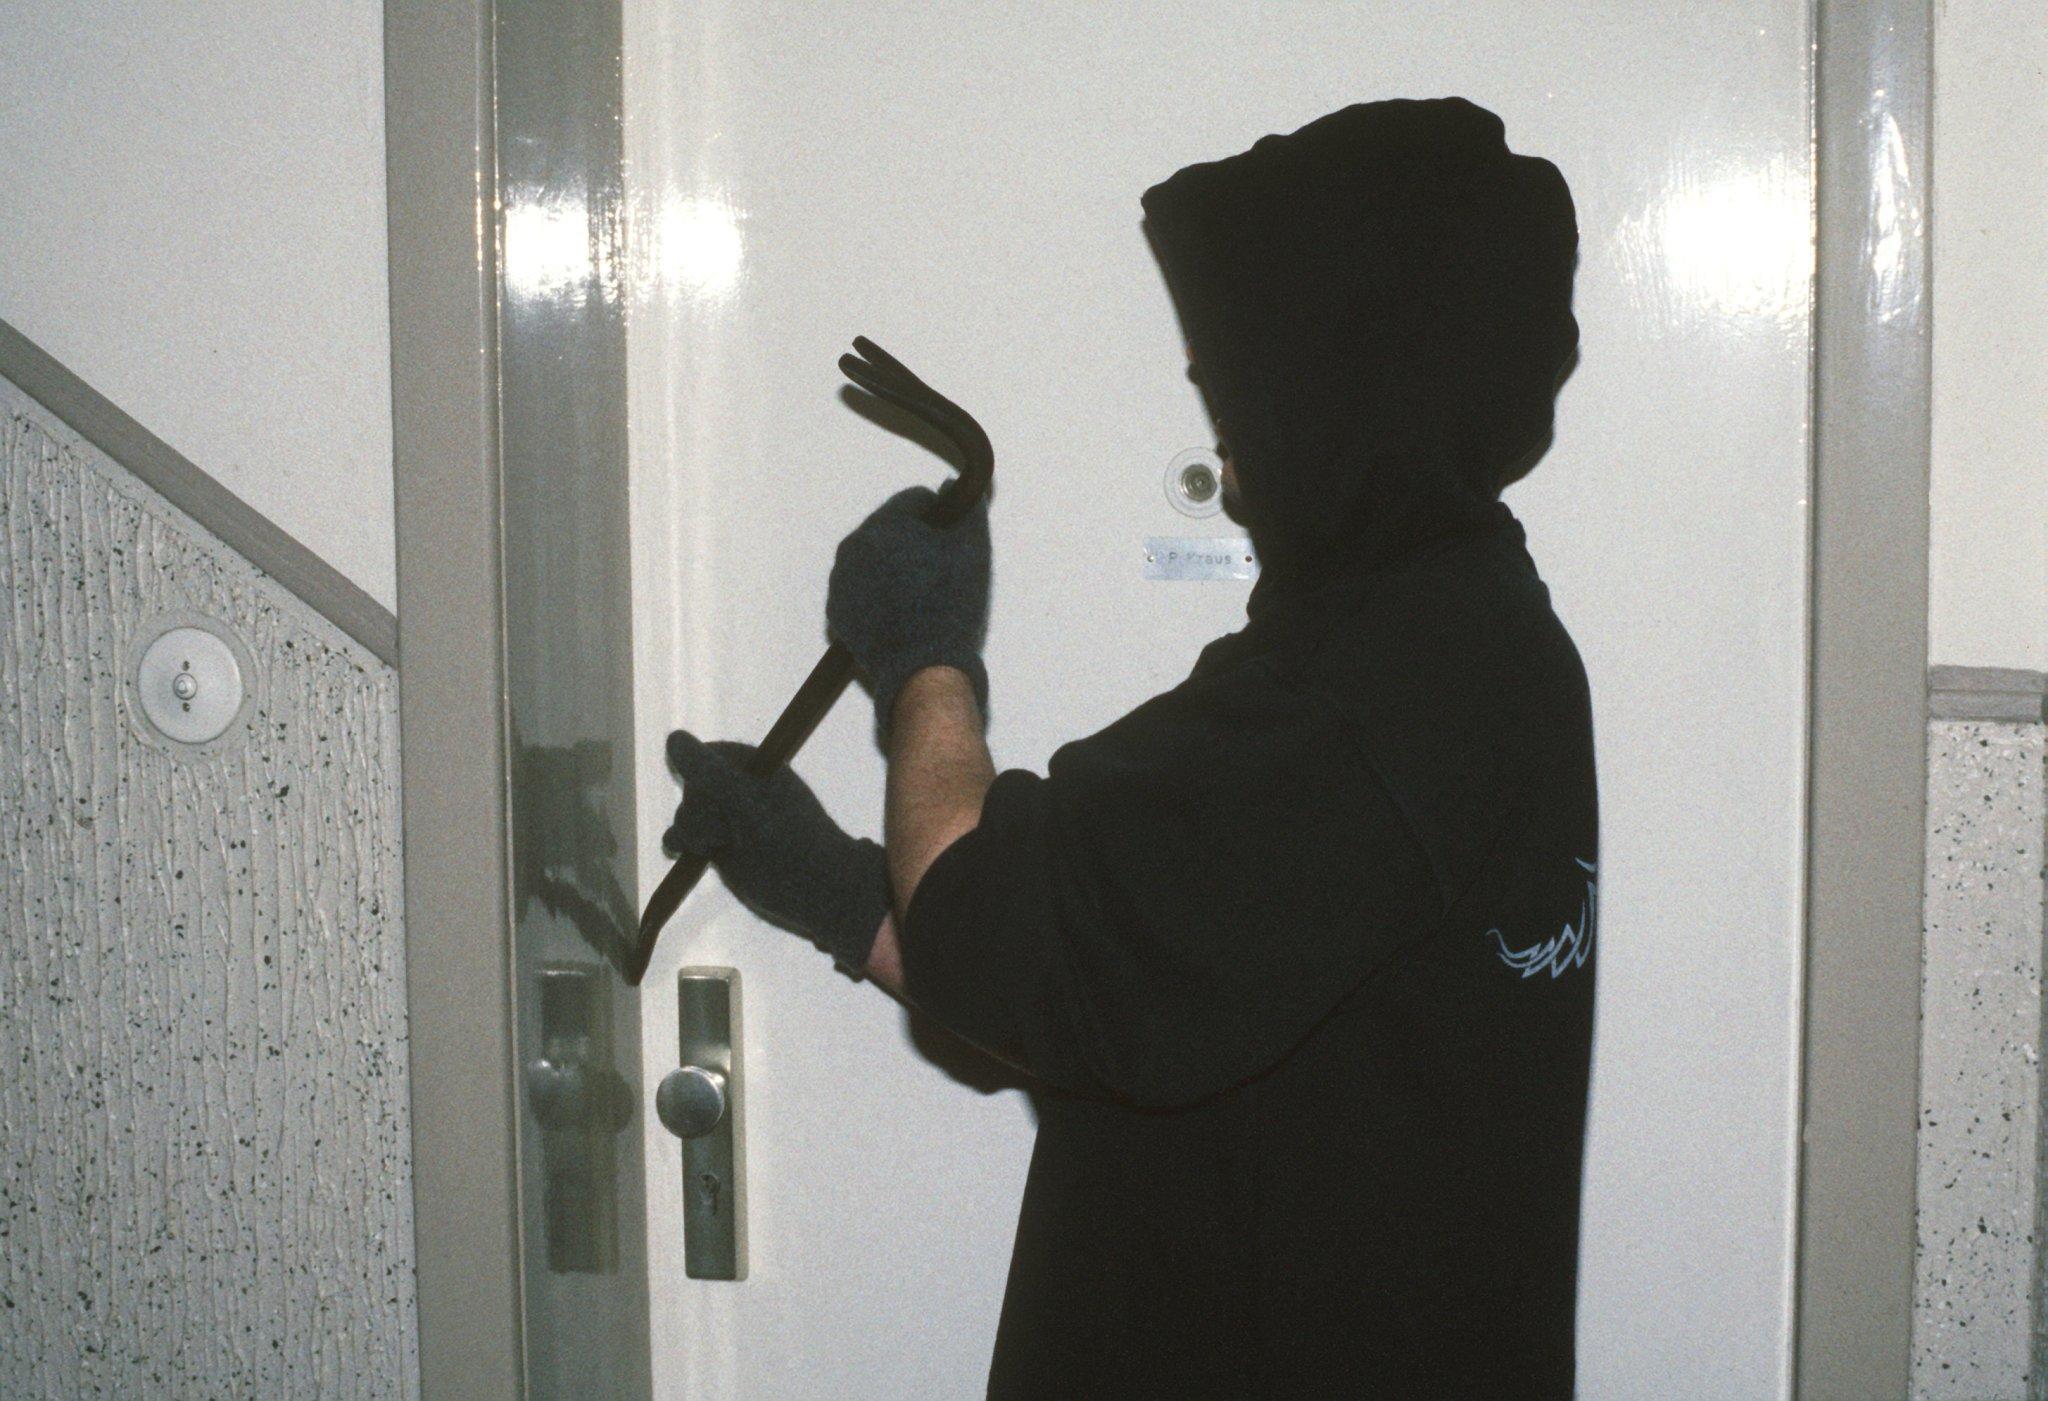 geheimzeichen von einbrechern das bedeuten die zeichen an. Black Bedroom Furniture Sets. Home Design Ideas